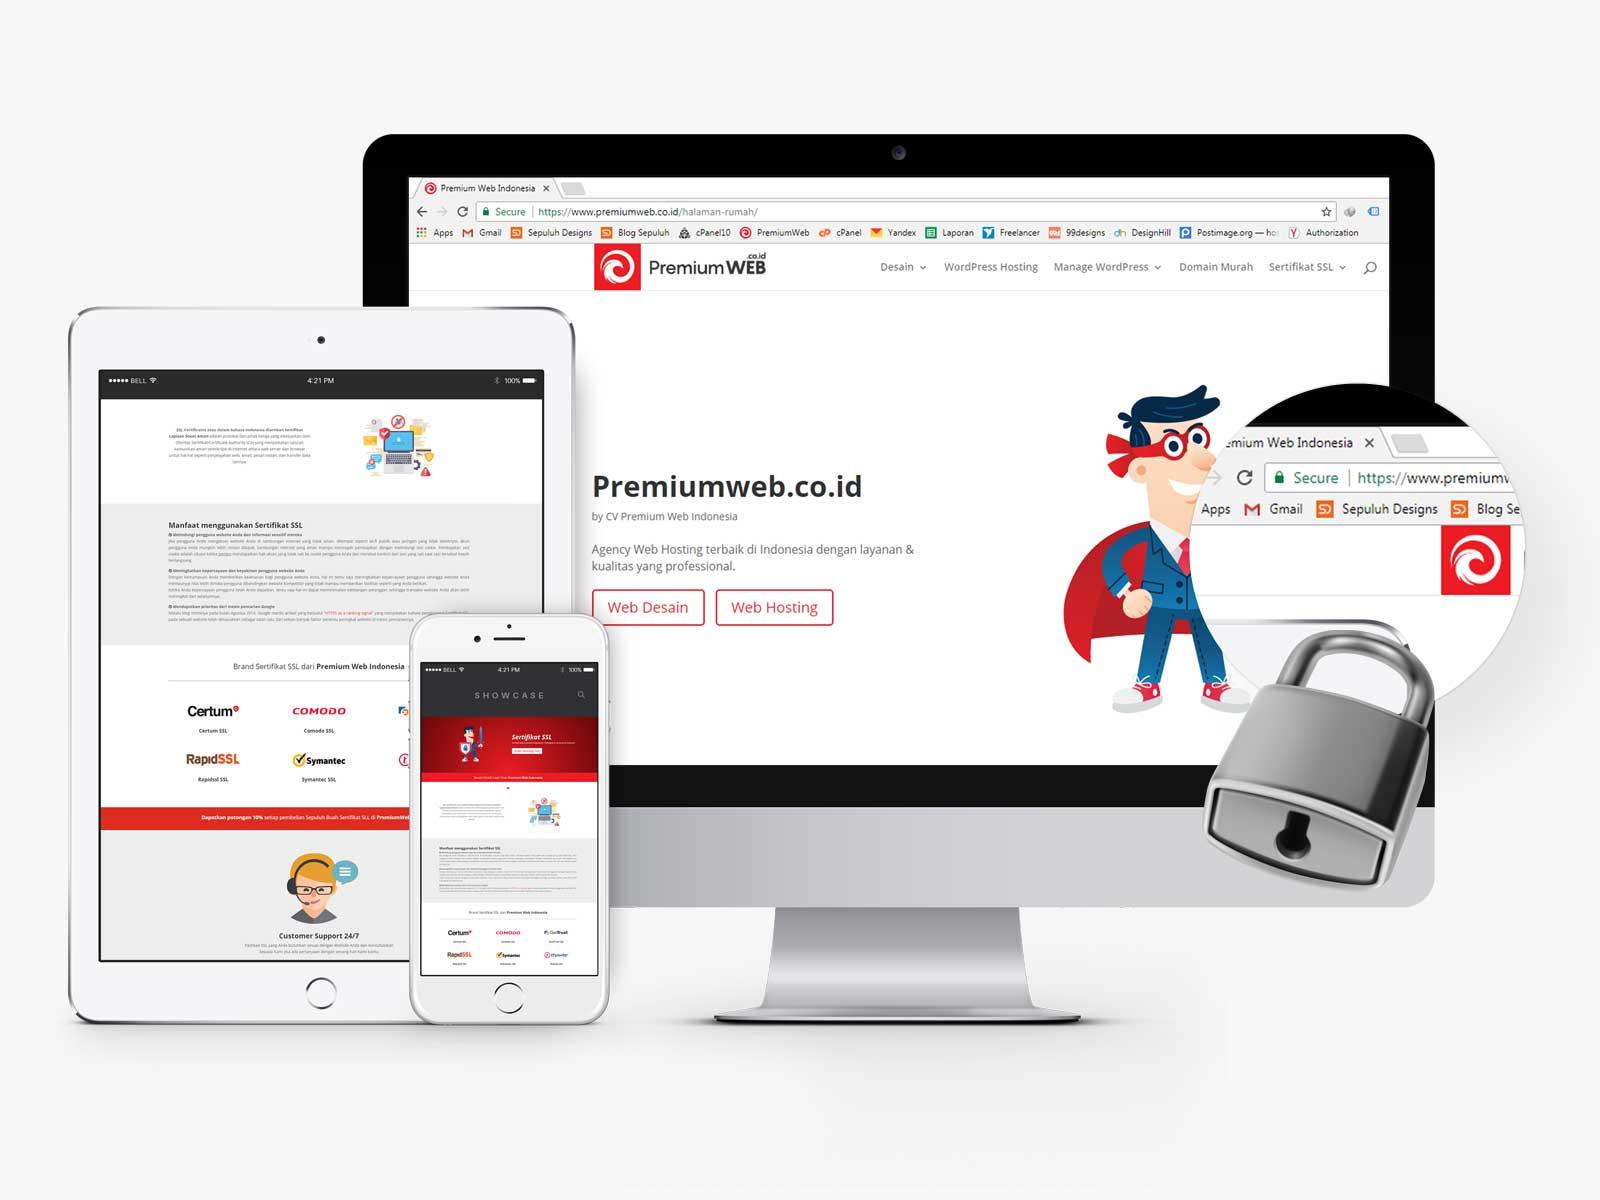 Sertifikat SSL Murah Premium Web Indonesia